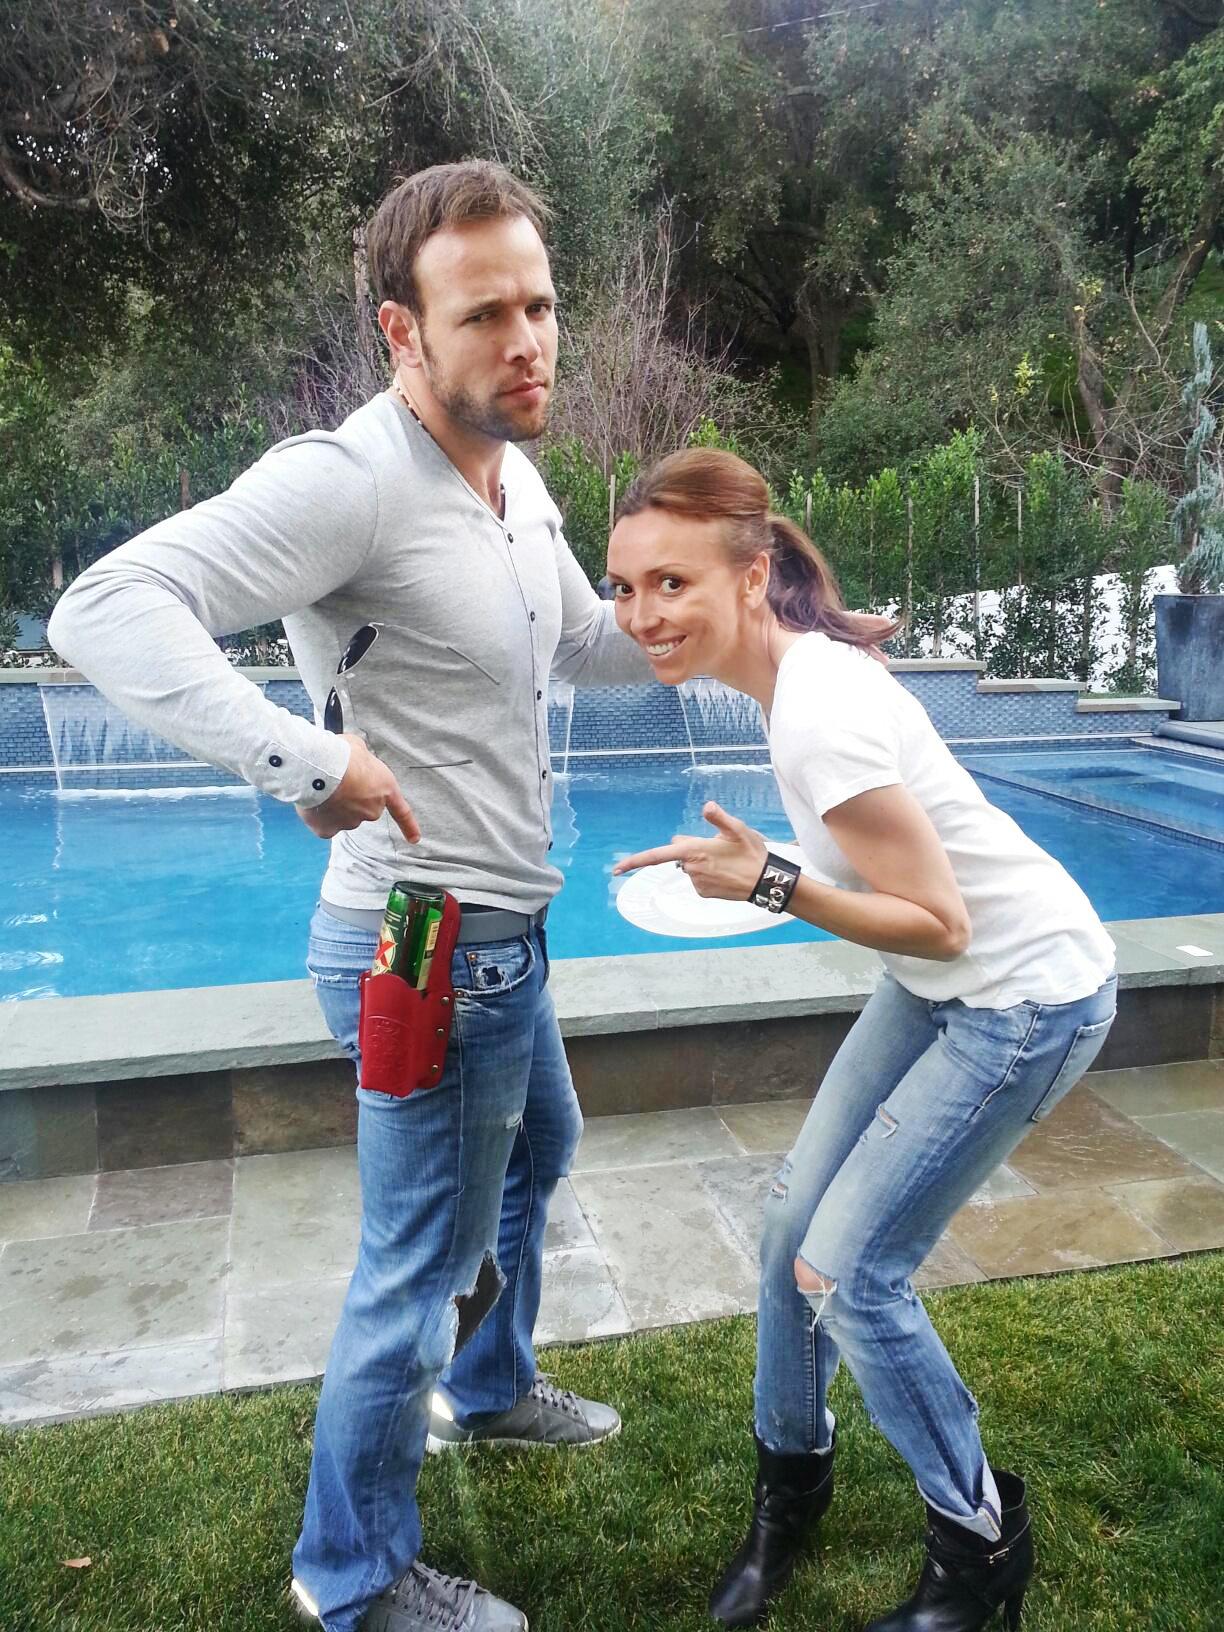 Ernesto Arguello and Giuliana Rancic